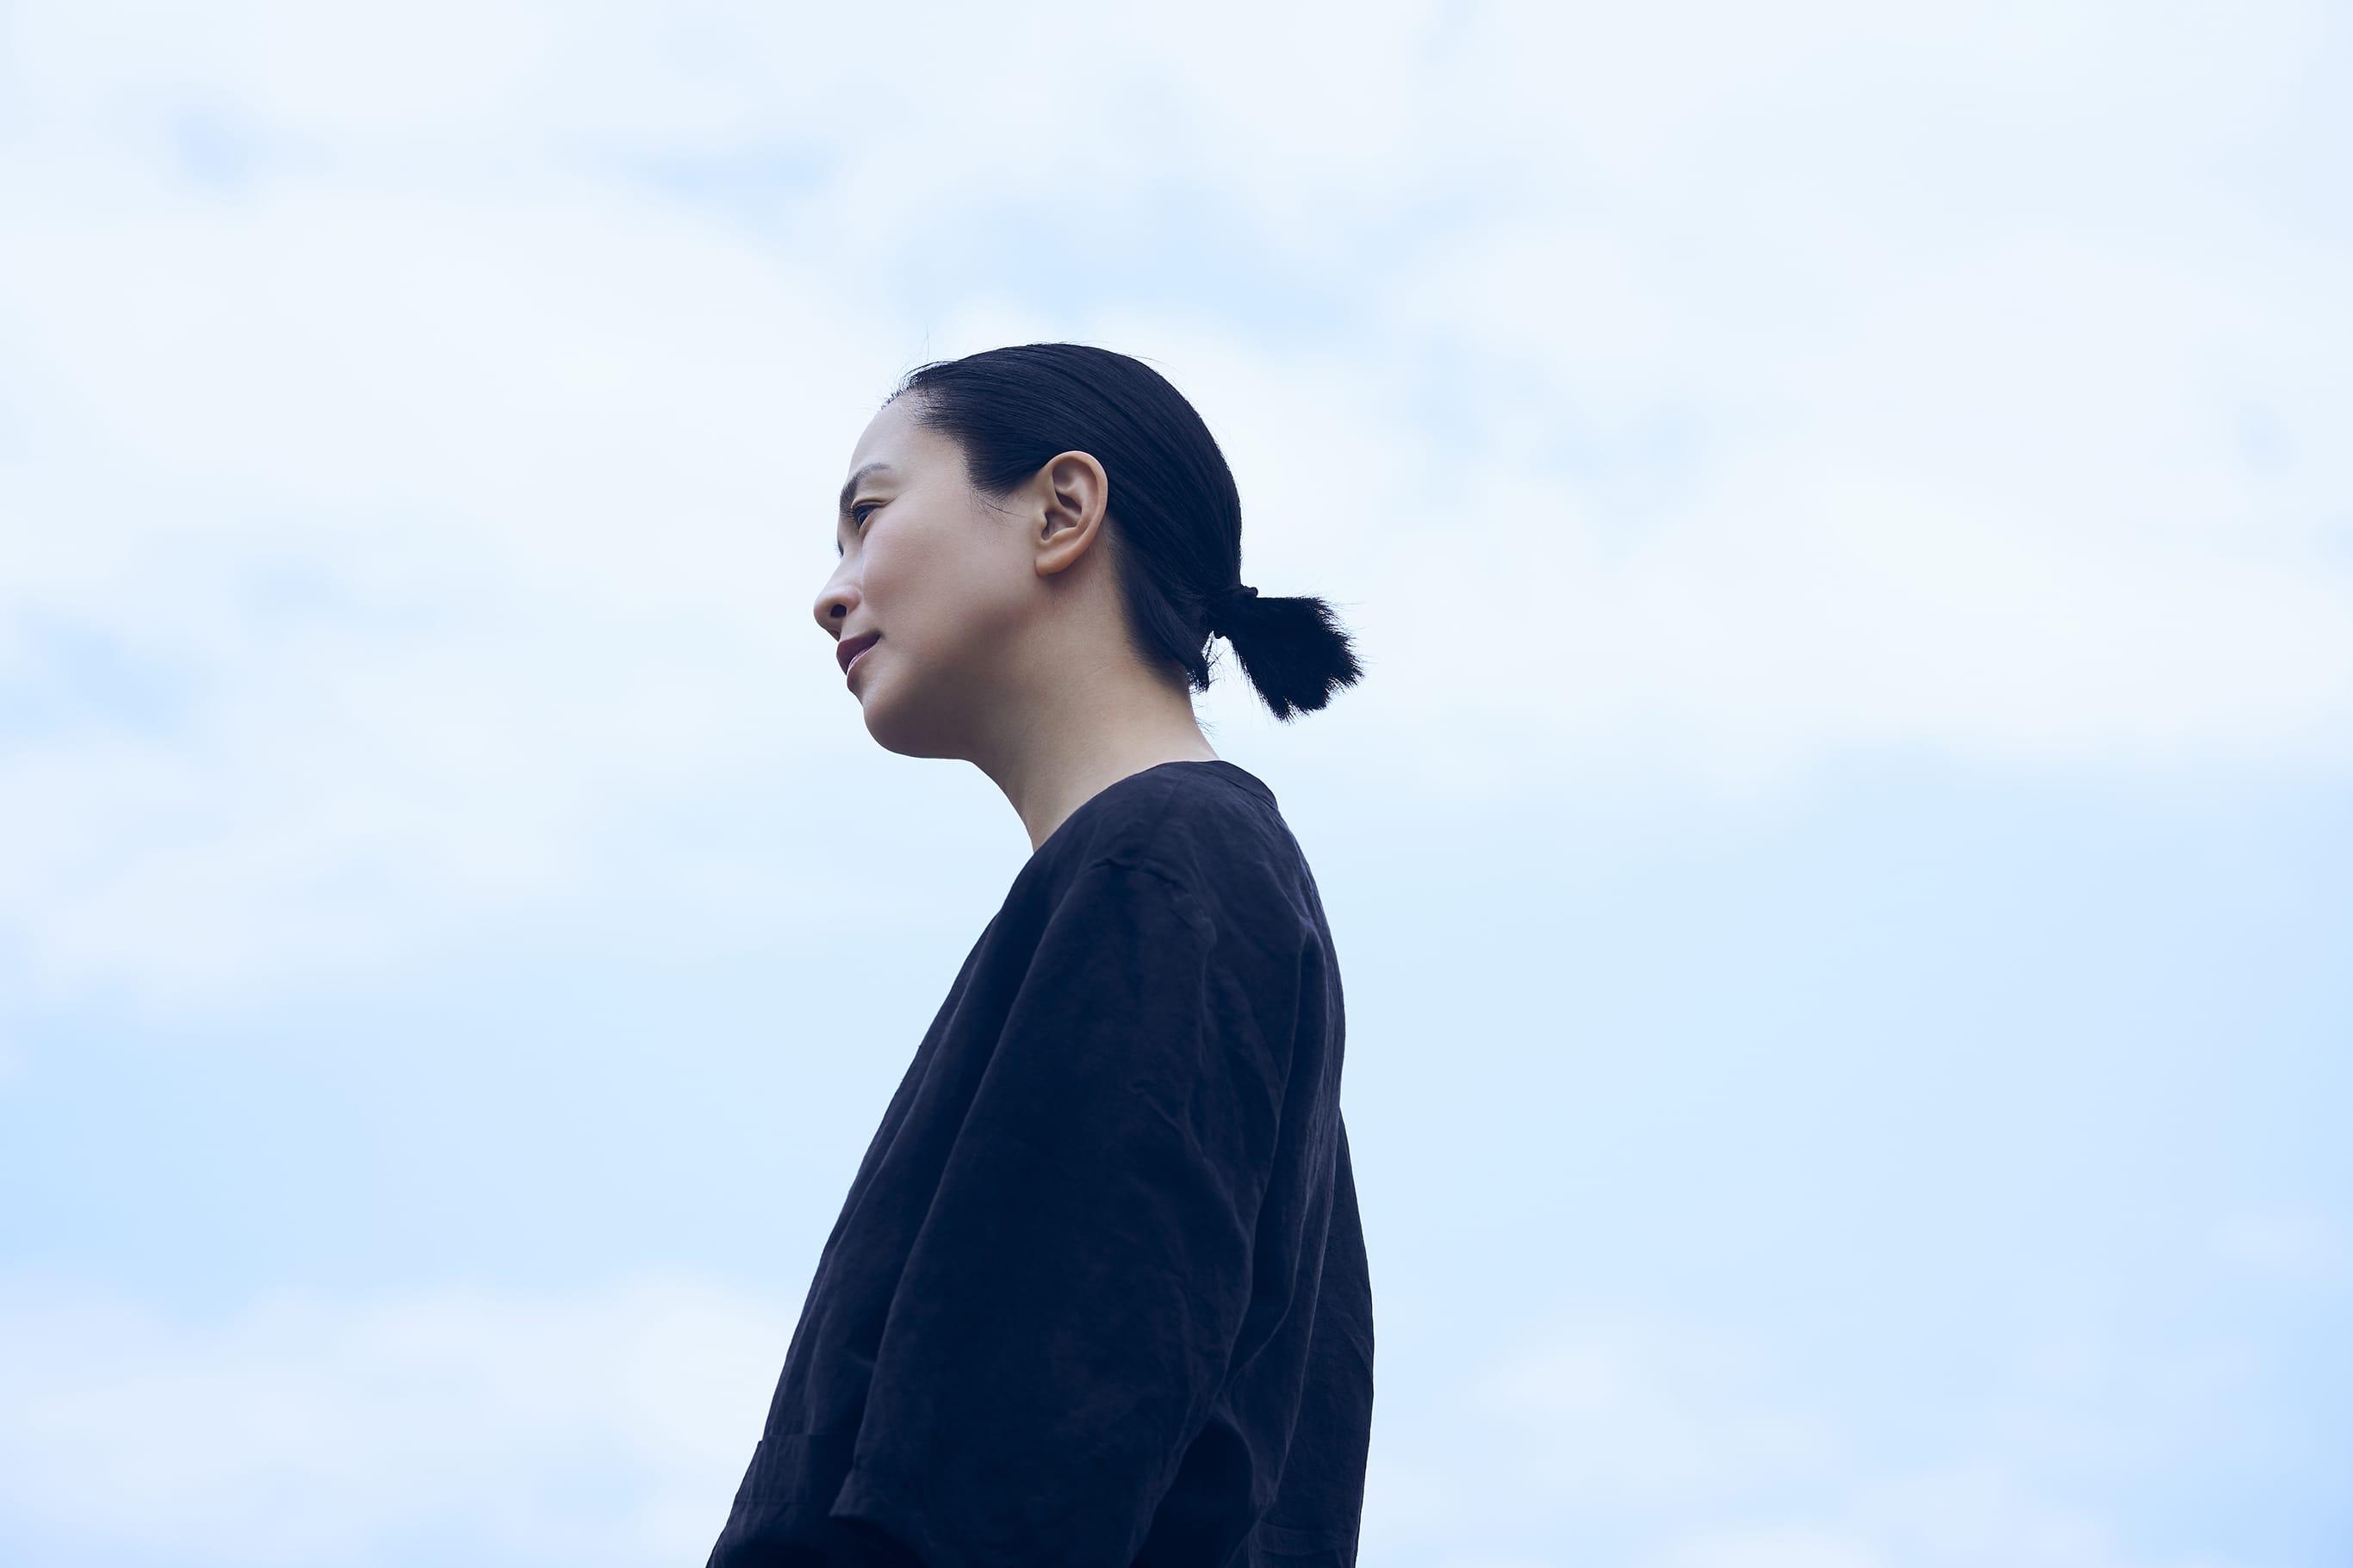 1992年にデビューをして以来、映画・舞台・テレビ・CMと多彩な活躍を続けてきた女優・坂井真紀。